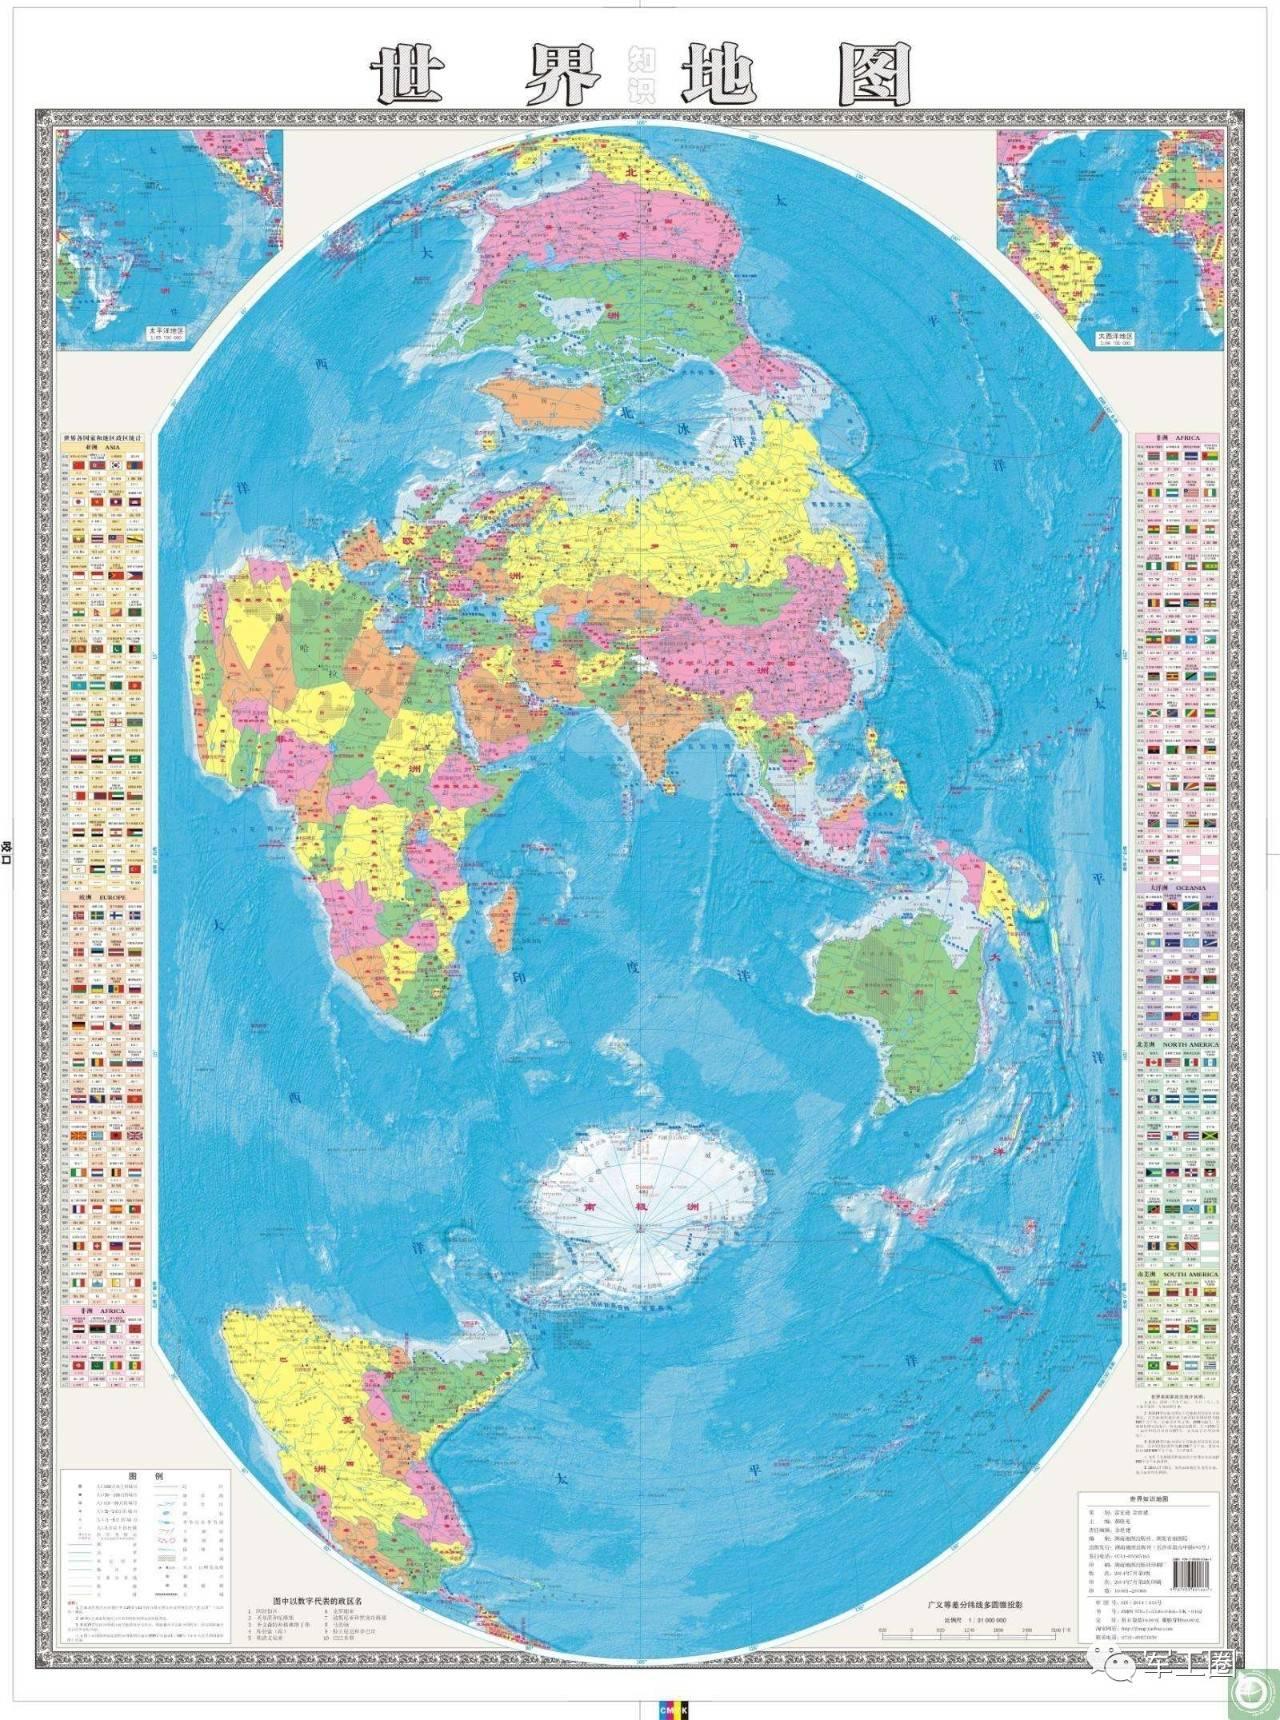 画一个竖版的世界地图